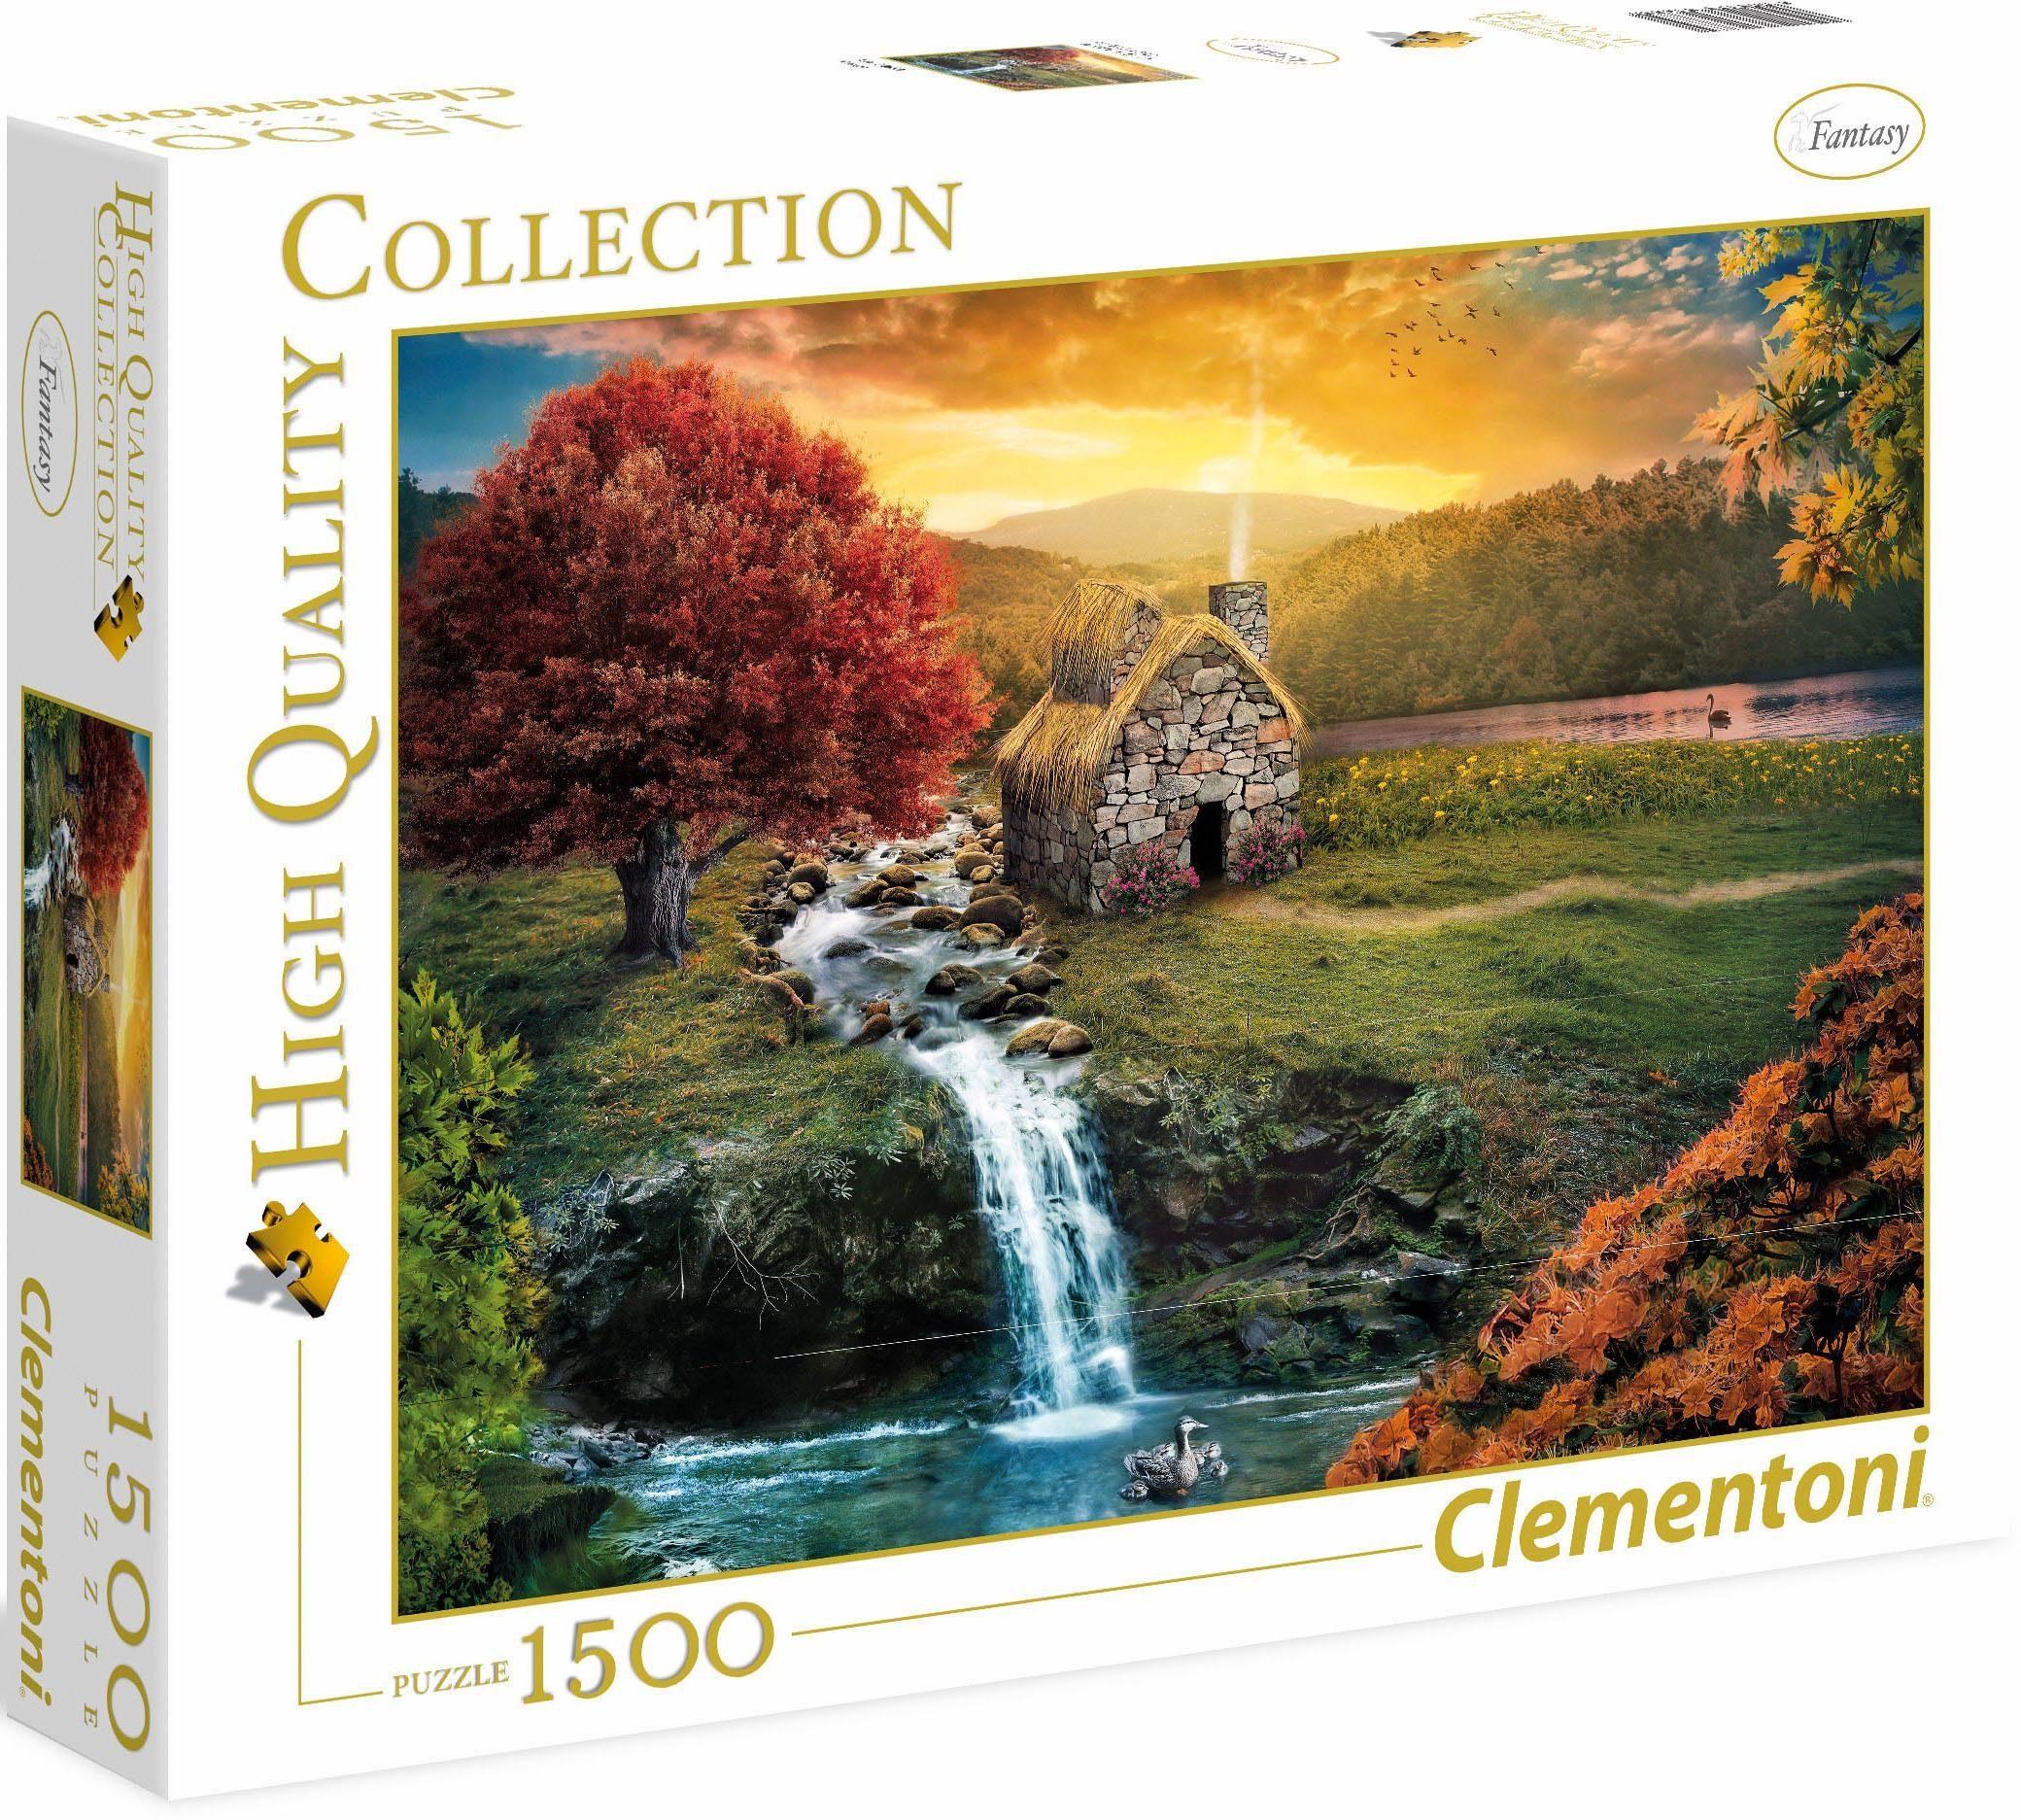 Clementoni Puzzle, 1500 Teile, »Mirage«